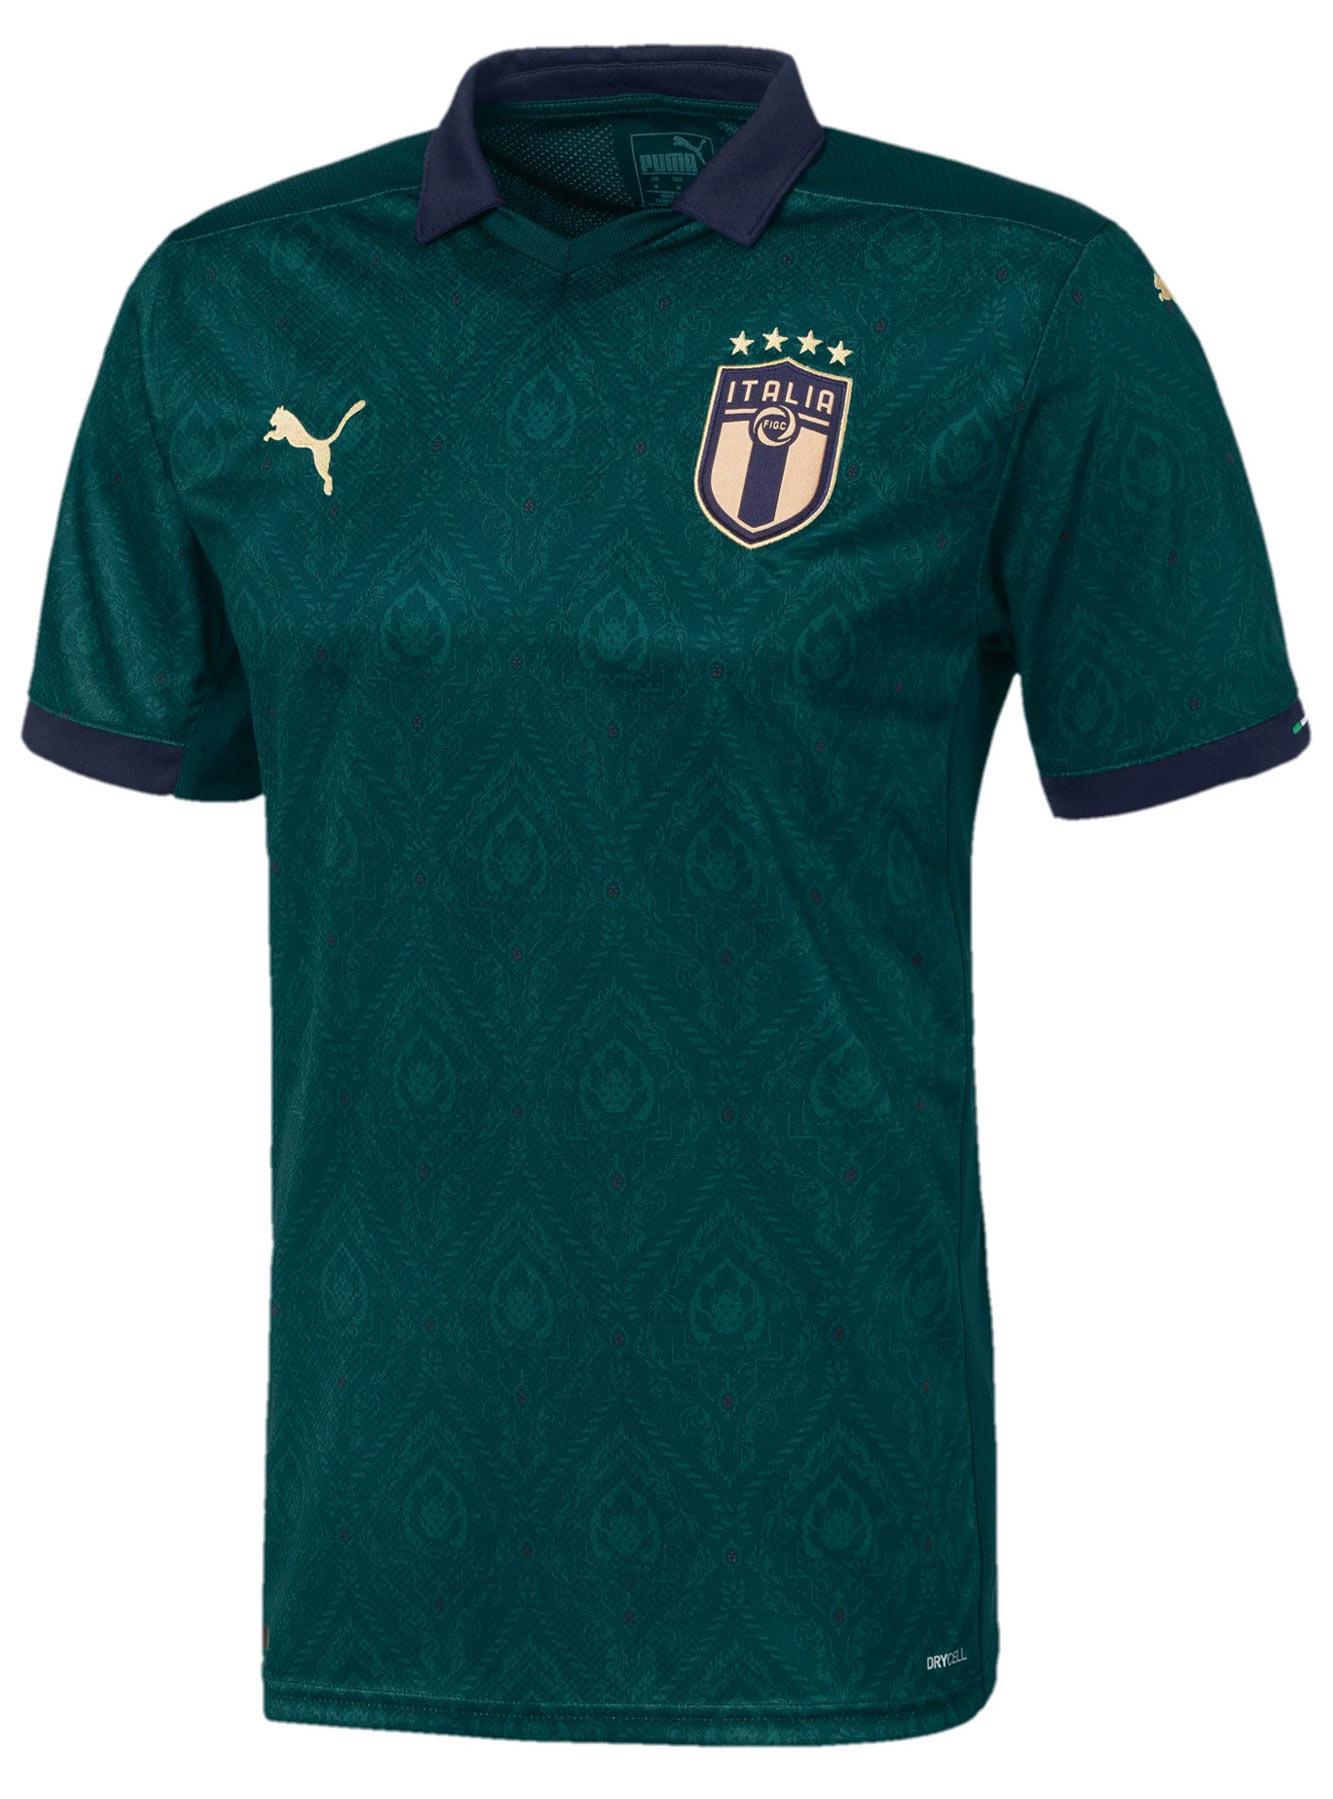 Maglia verde Italia 2020, il kit di Puma ispirato al Rinascimento